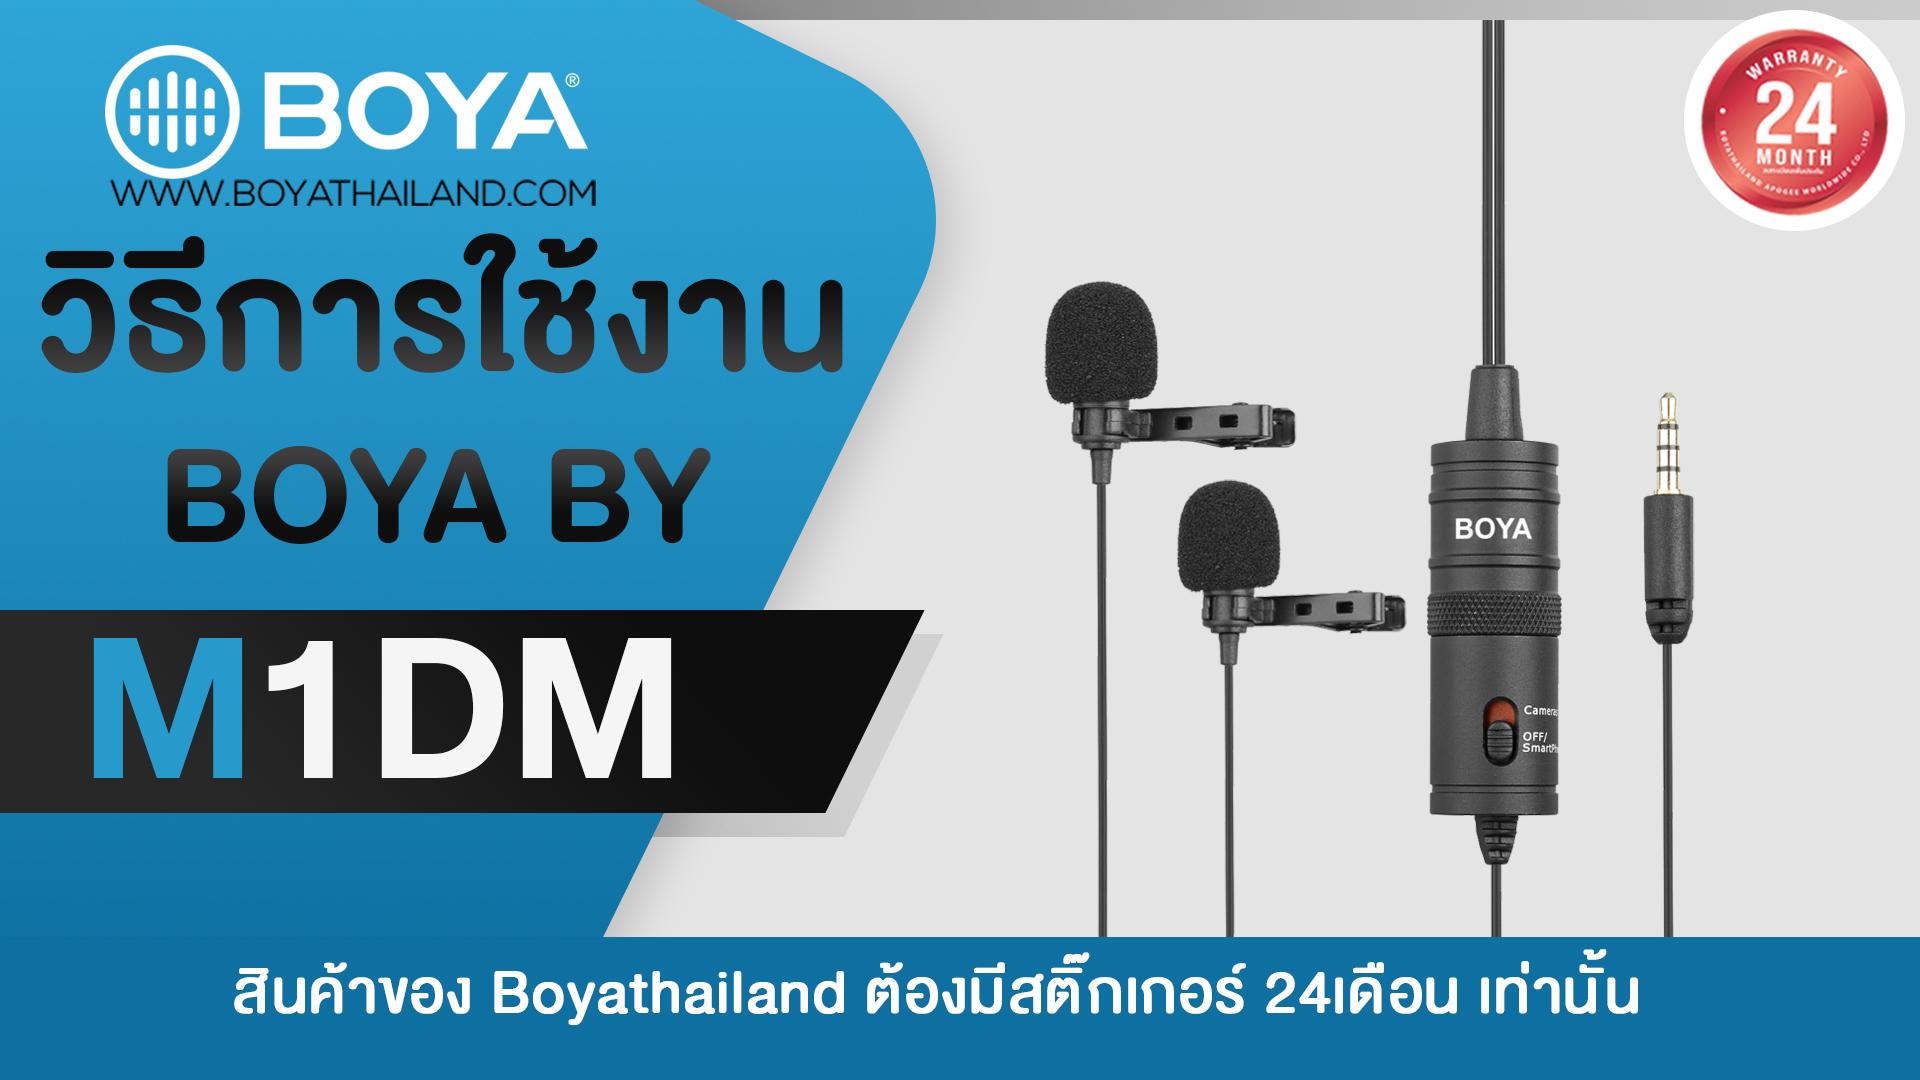 วิธีการใช้งาน BOYA BY-M1DM